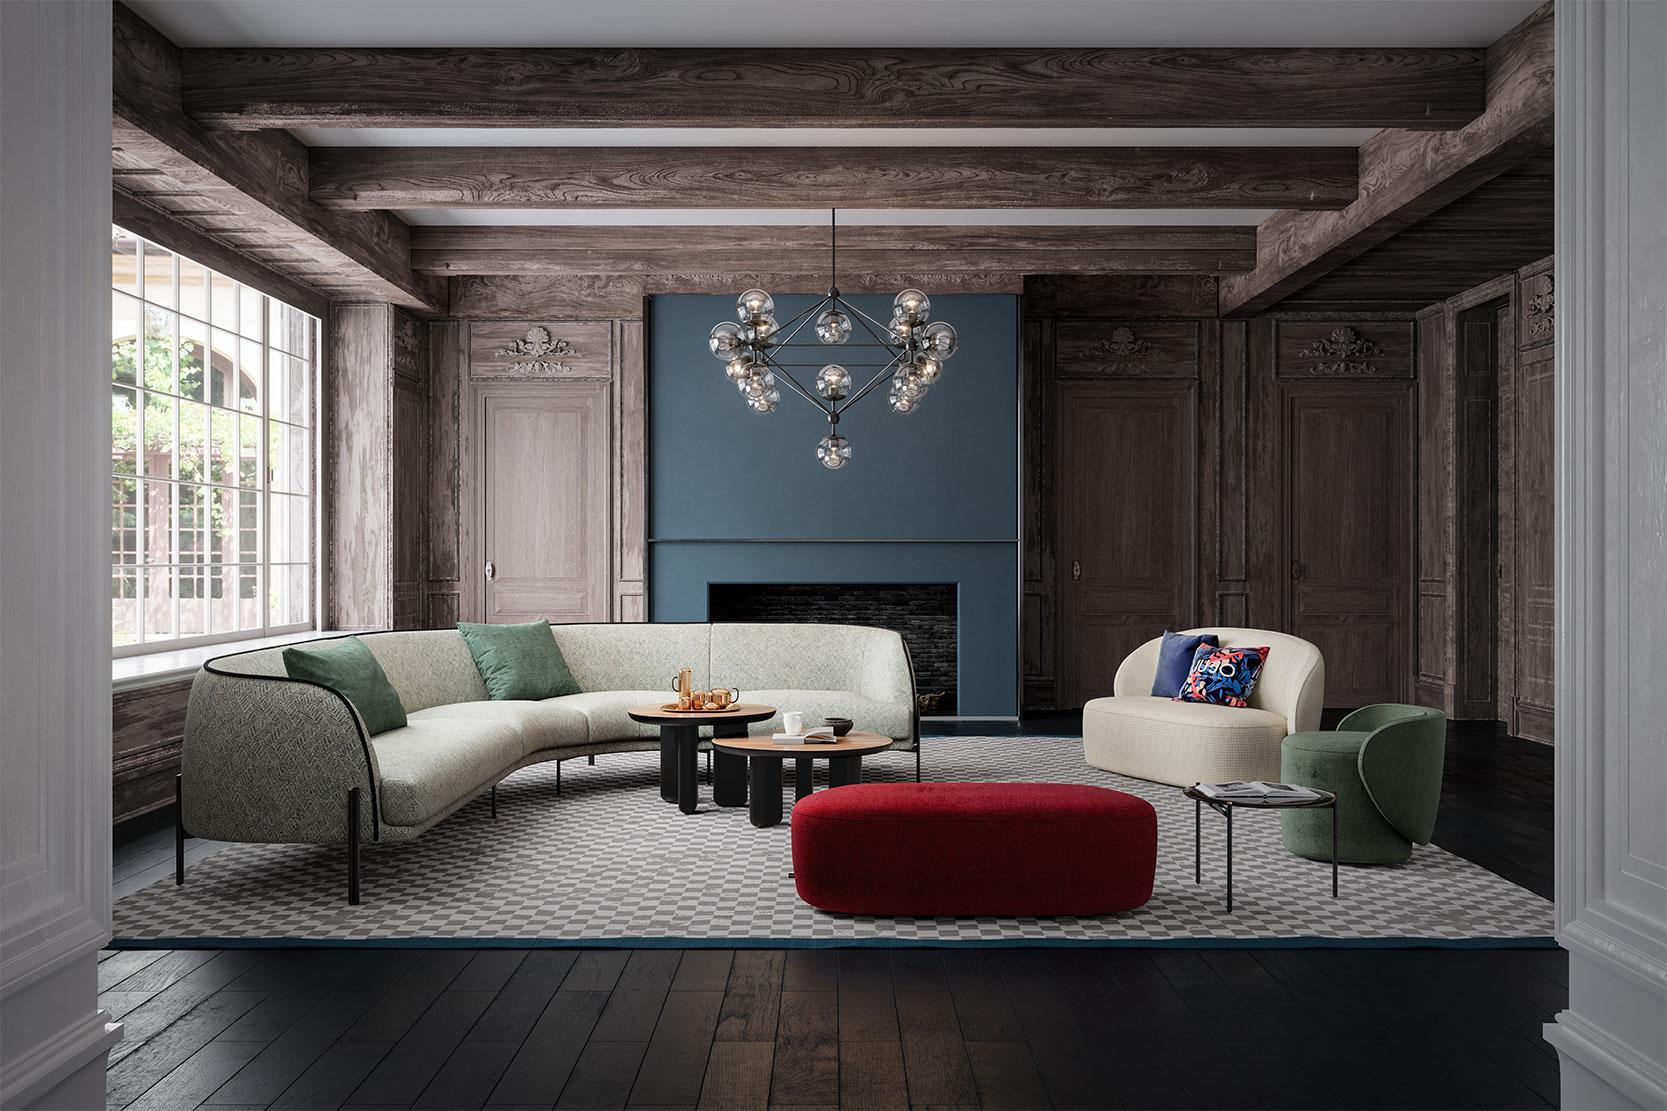 Kubo Deco, mobilier, décoration d'intérieur, Liu Jo, Morges, Suisse Romande, meubles contemporains